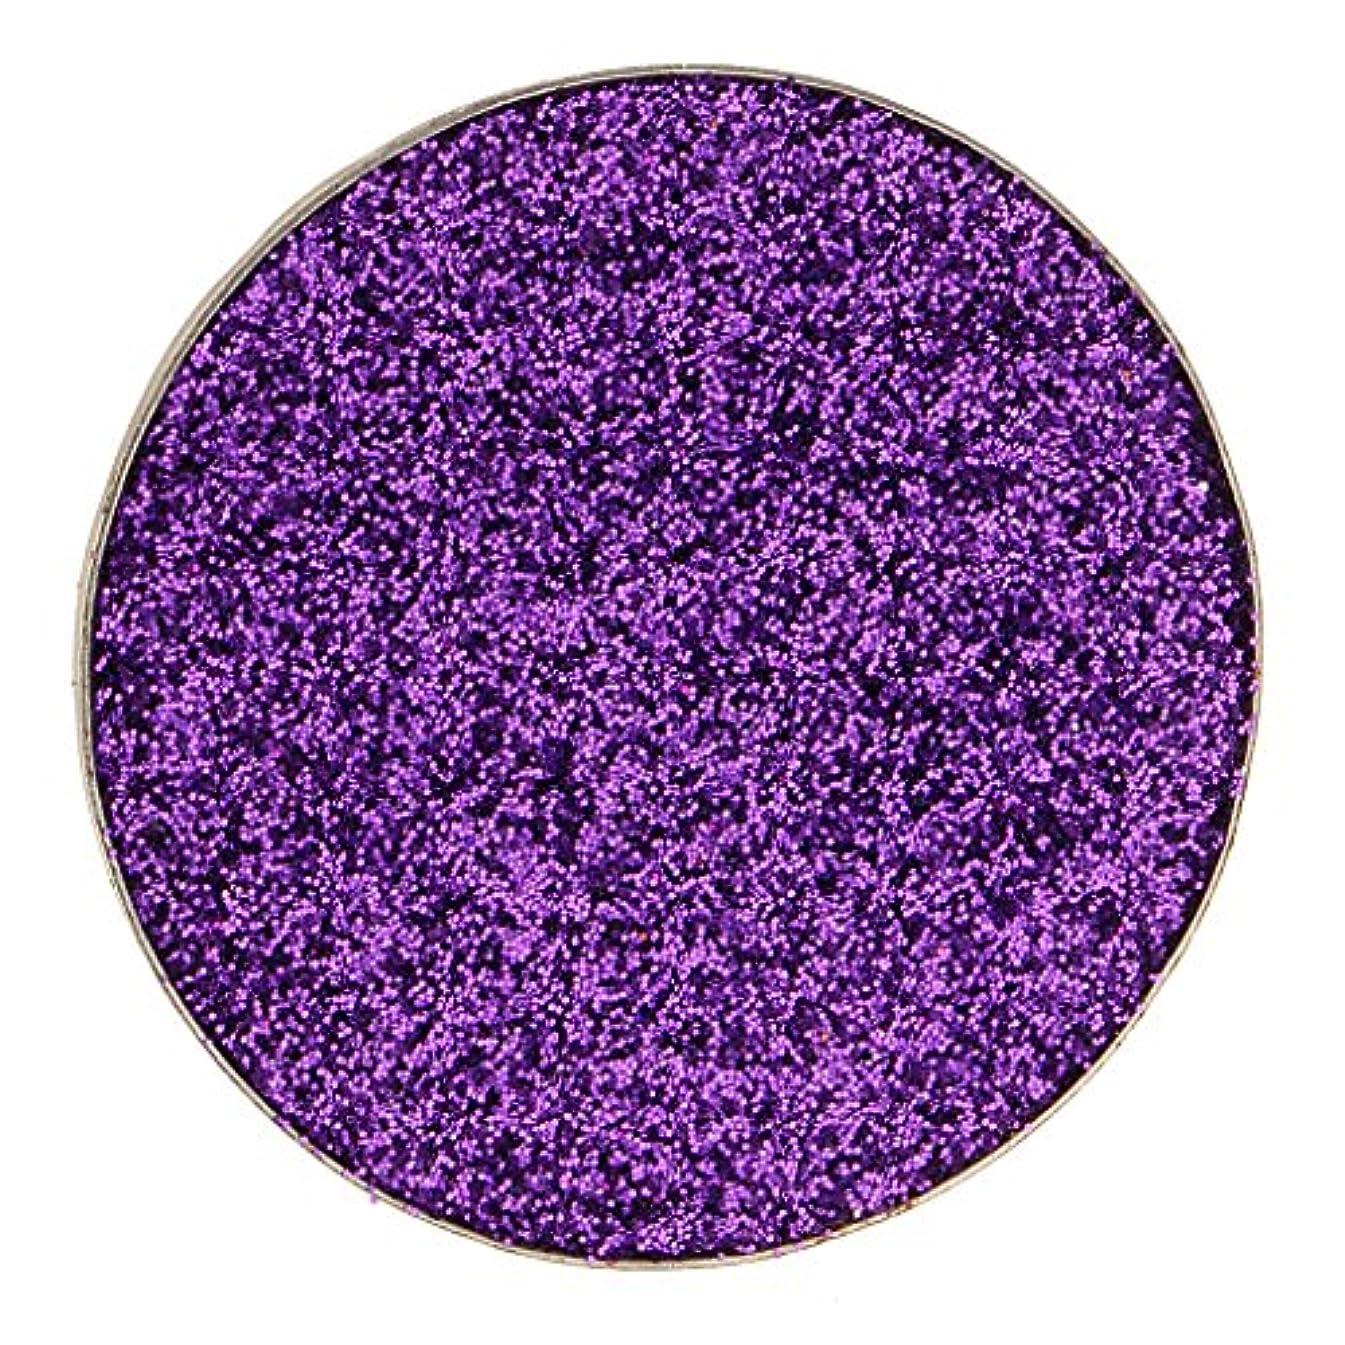 ストレッチ反射着服ダイヤモンド キラキラ シマー メイクアップ アイシャドウ 顔料 長持ち 滑らか 全5色 - 紫